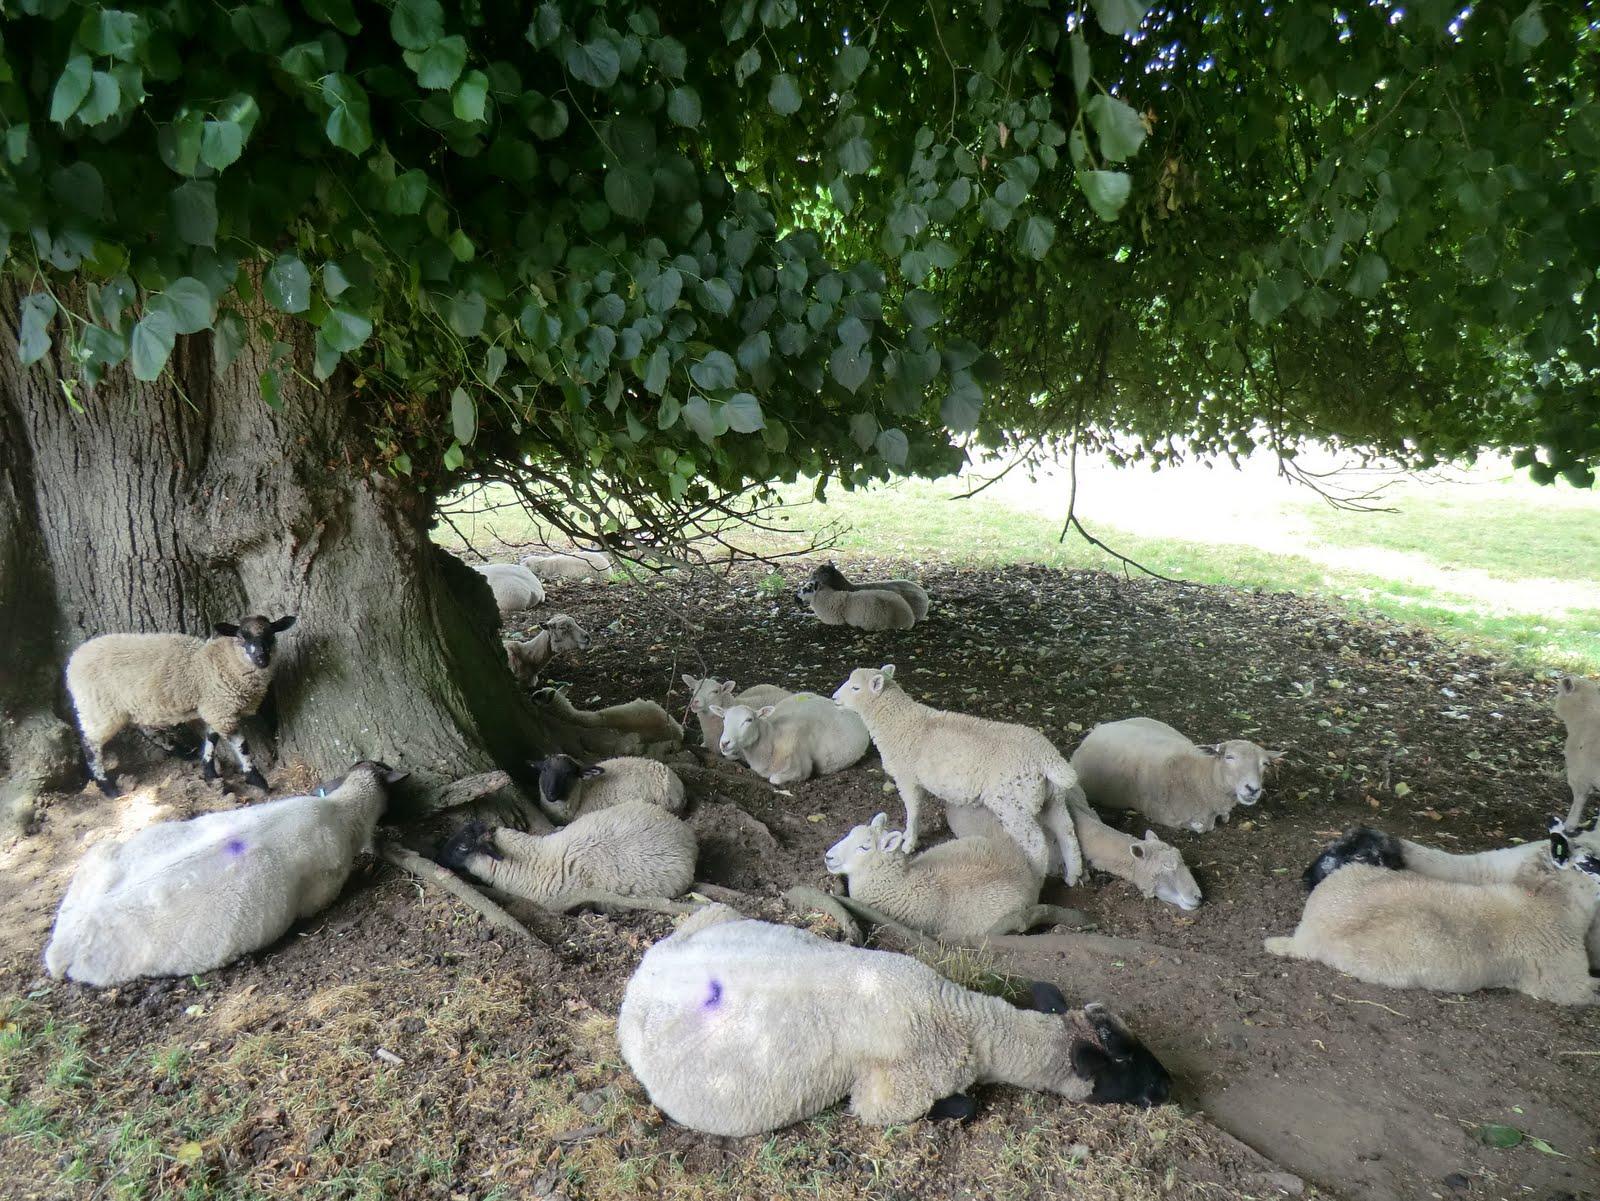 CIMG8275 Dozy sheep, Albury Park